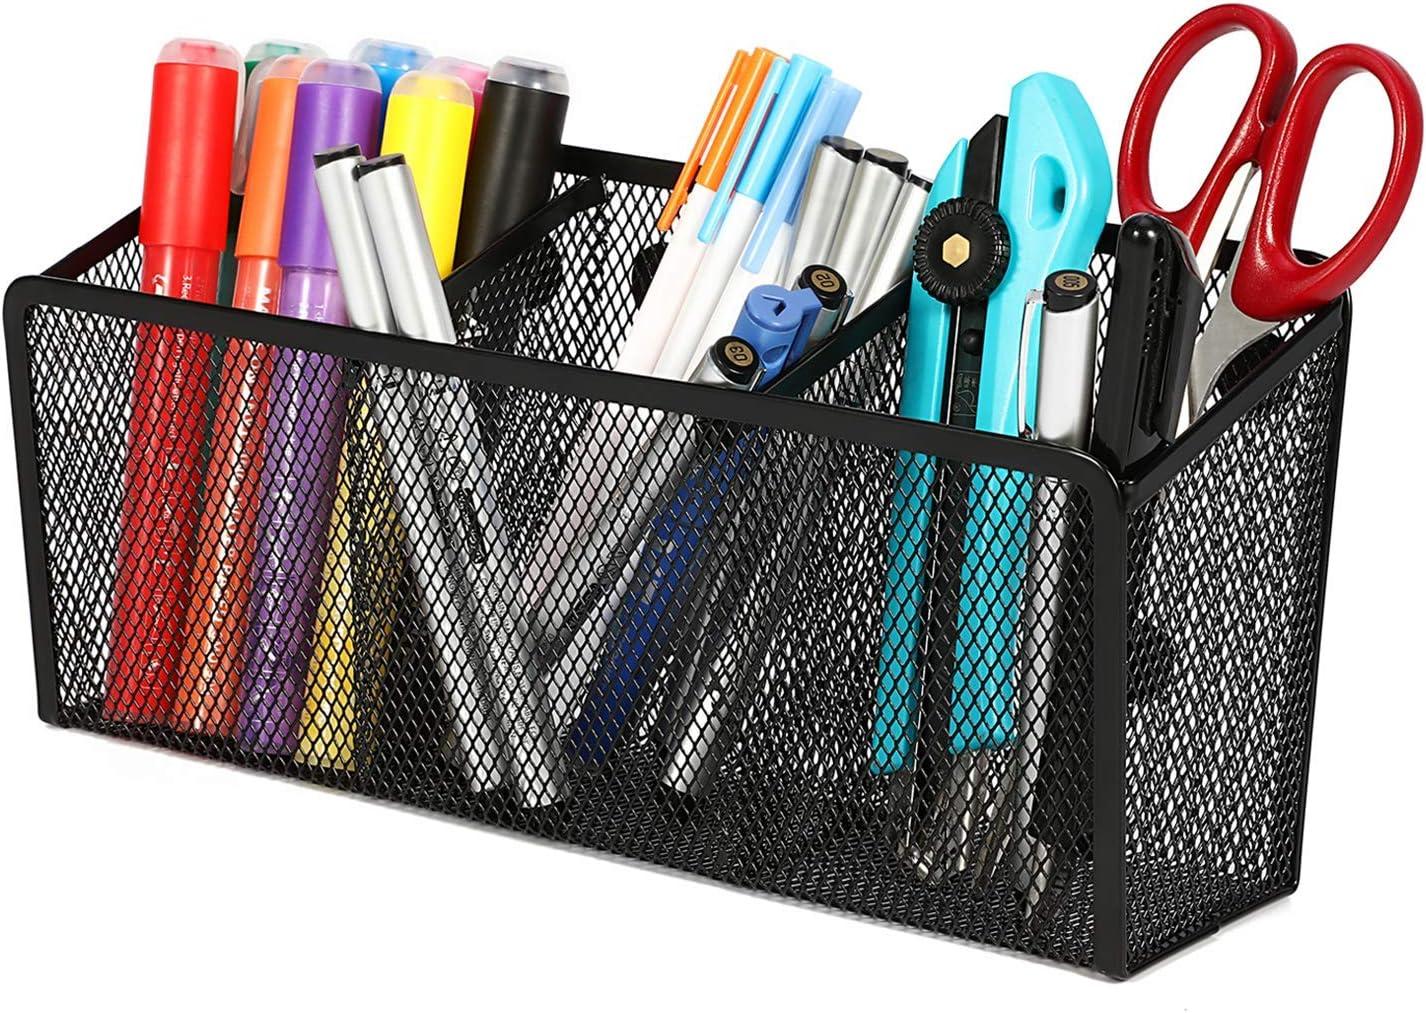 PQZATX Portapenne da 3 Pezzi Porta Matite in Metallo Porta Matite in Metallo Organizzatore per Penne Nero per Portamatite da Ufficio